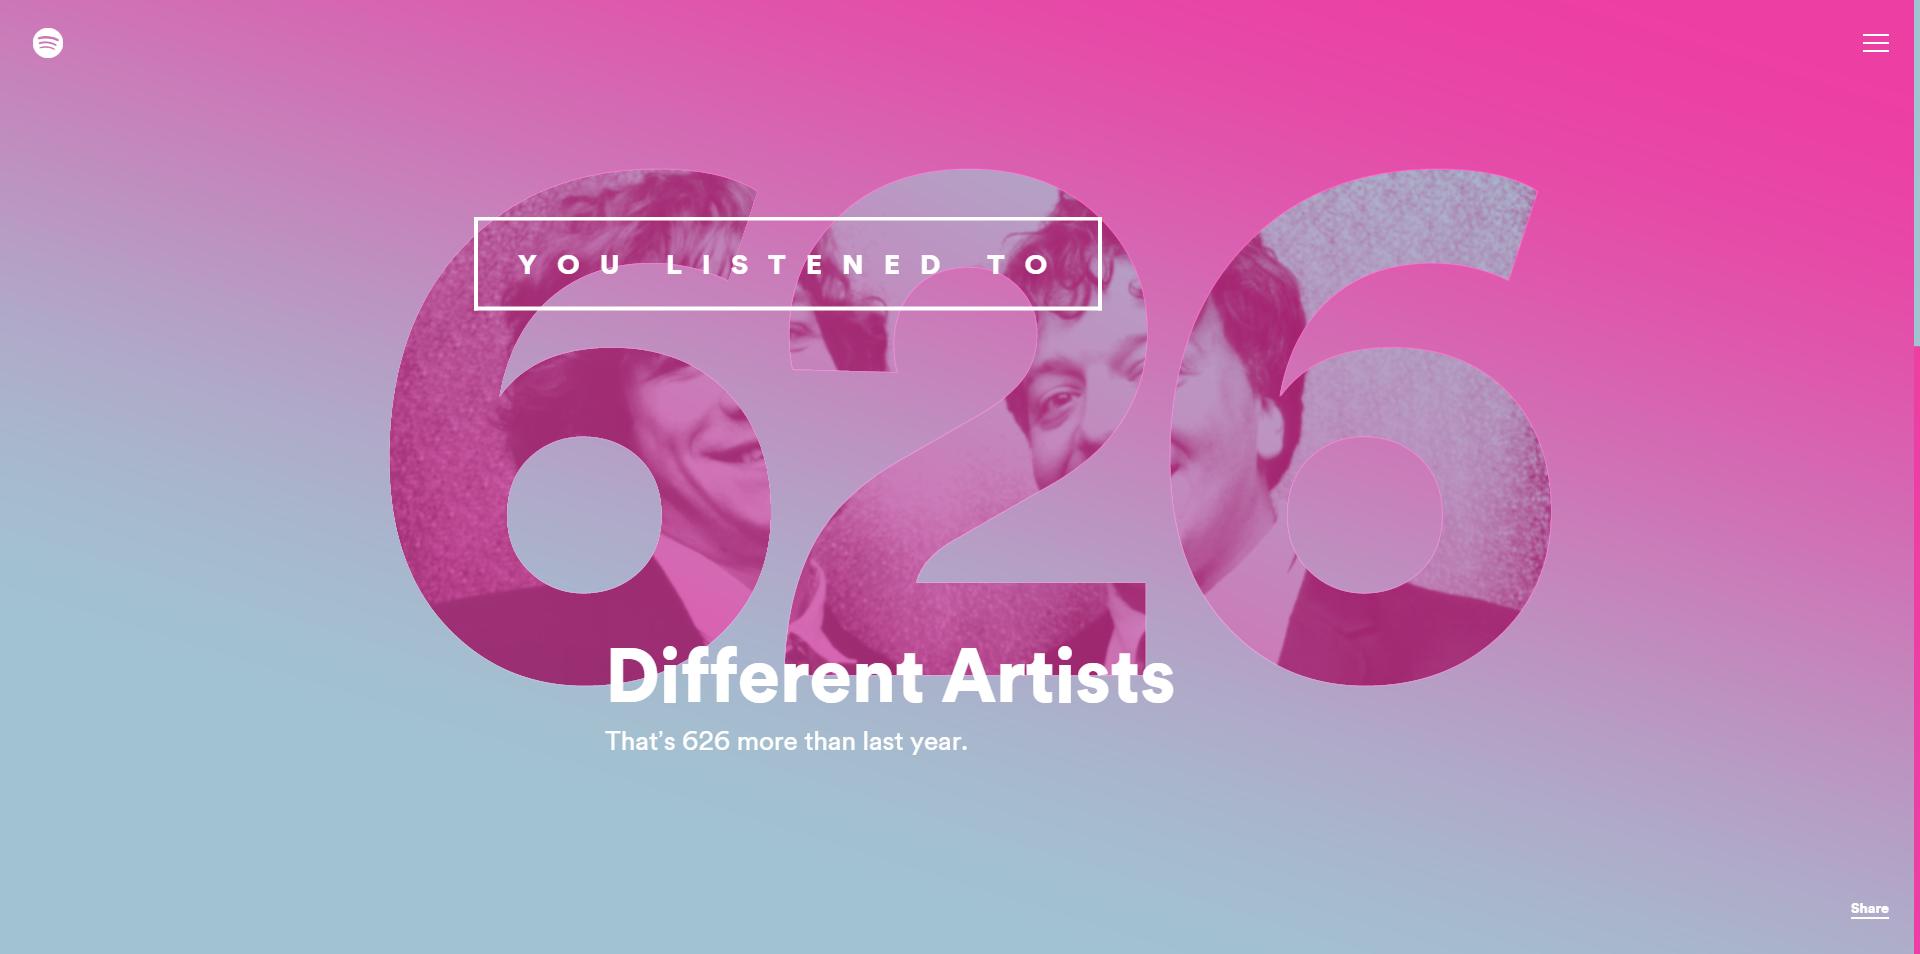 Artists listened